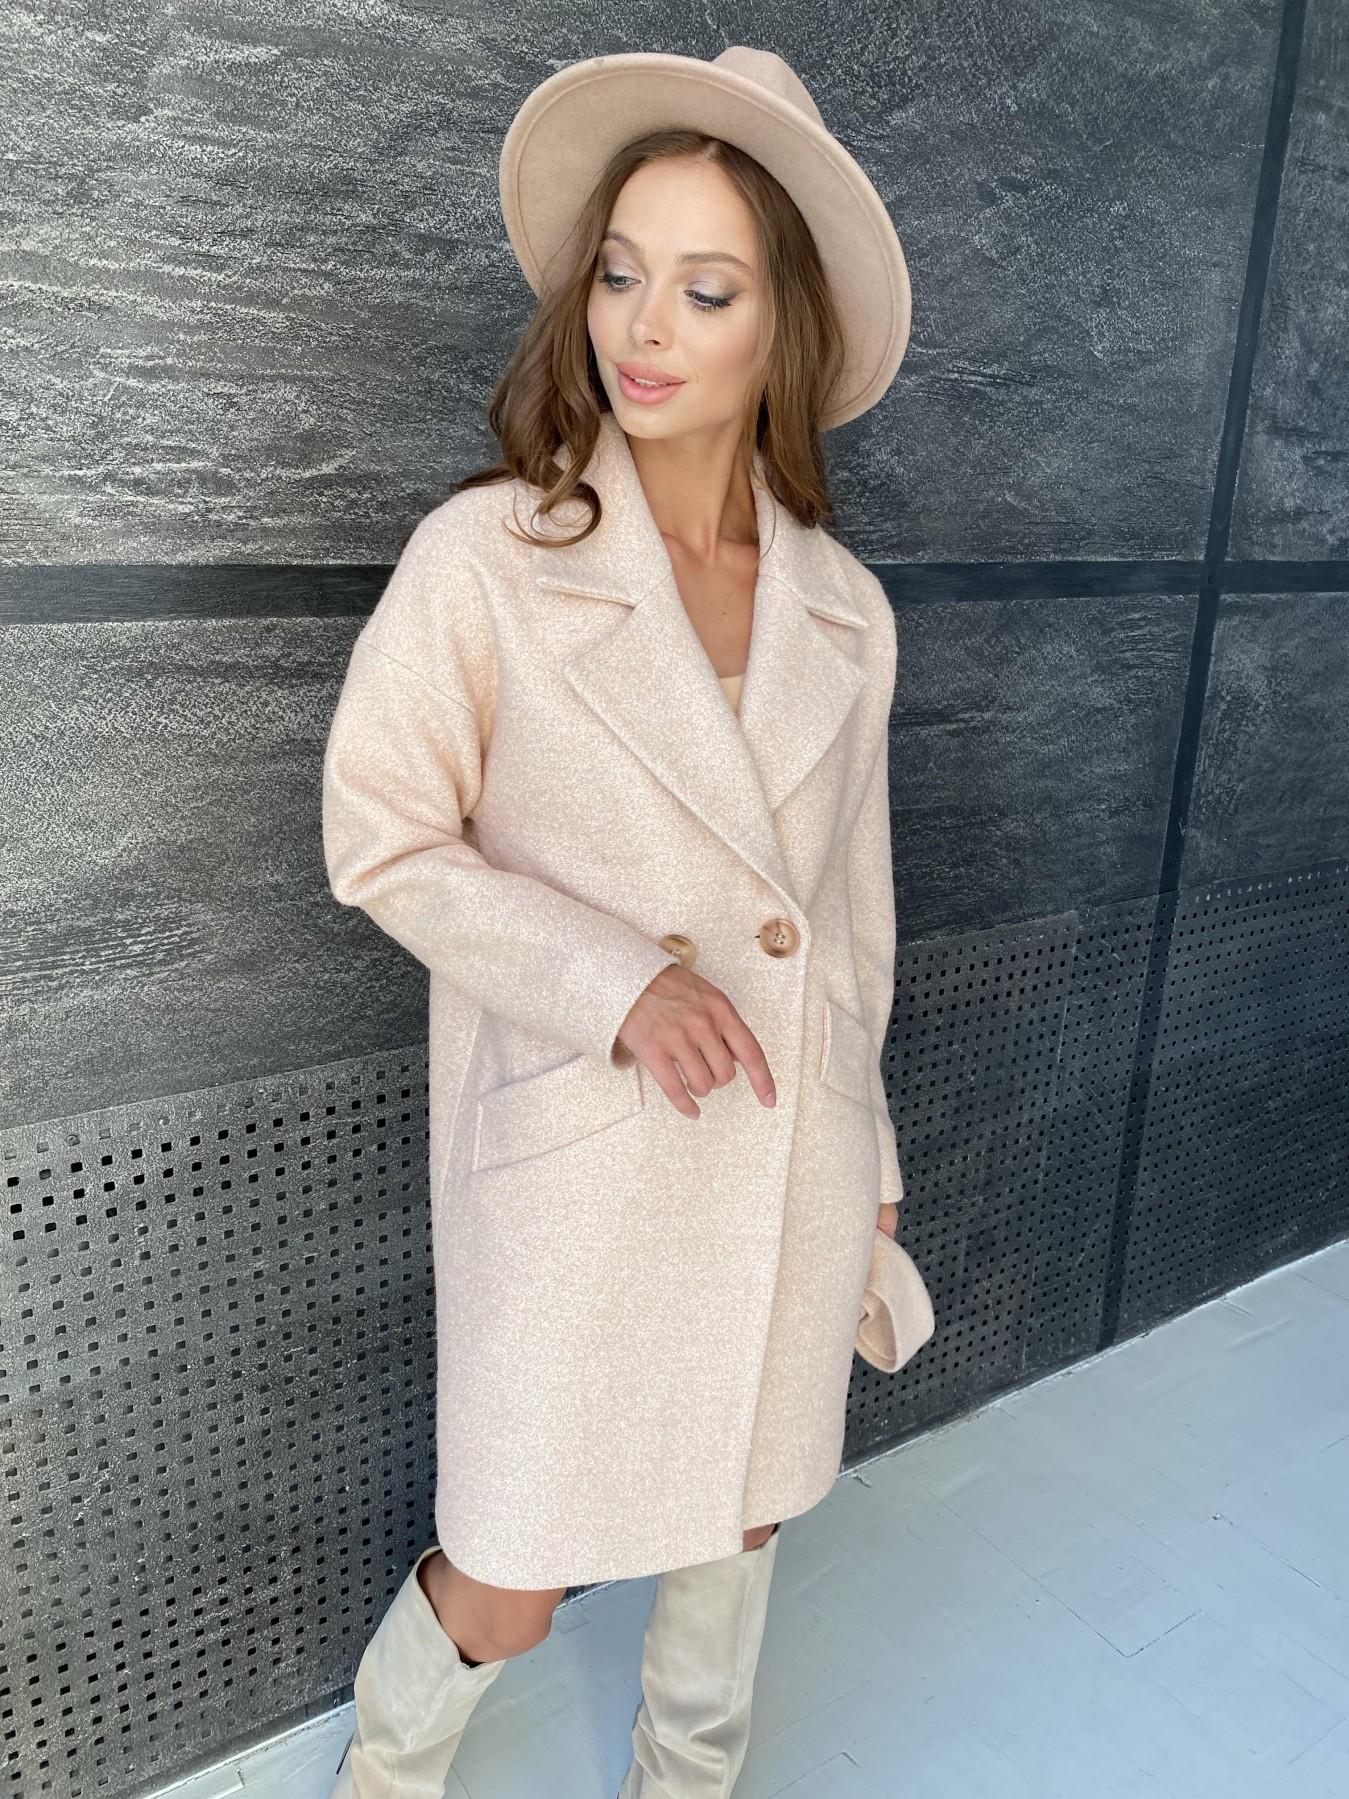 Сенсей пальто  шерсть букле мелкое пальтовая ткань 11647 АРТ. 48355 Цвет: Бежевый 30 - фото 1, интернет магазин tm-modus.ru